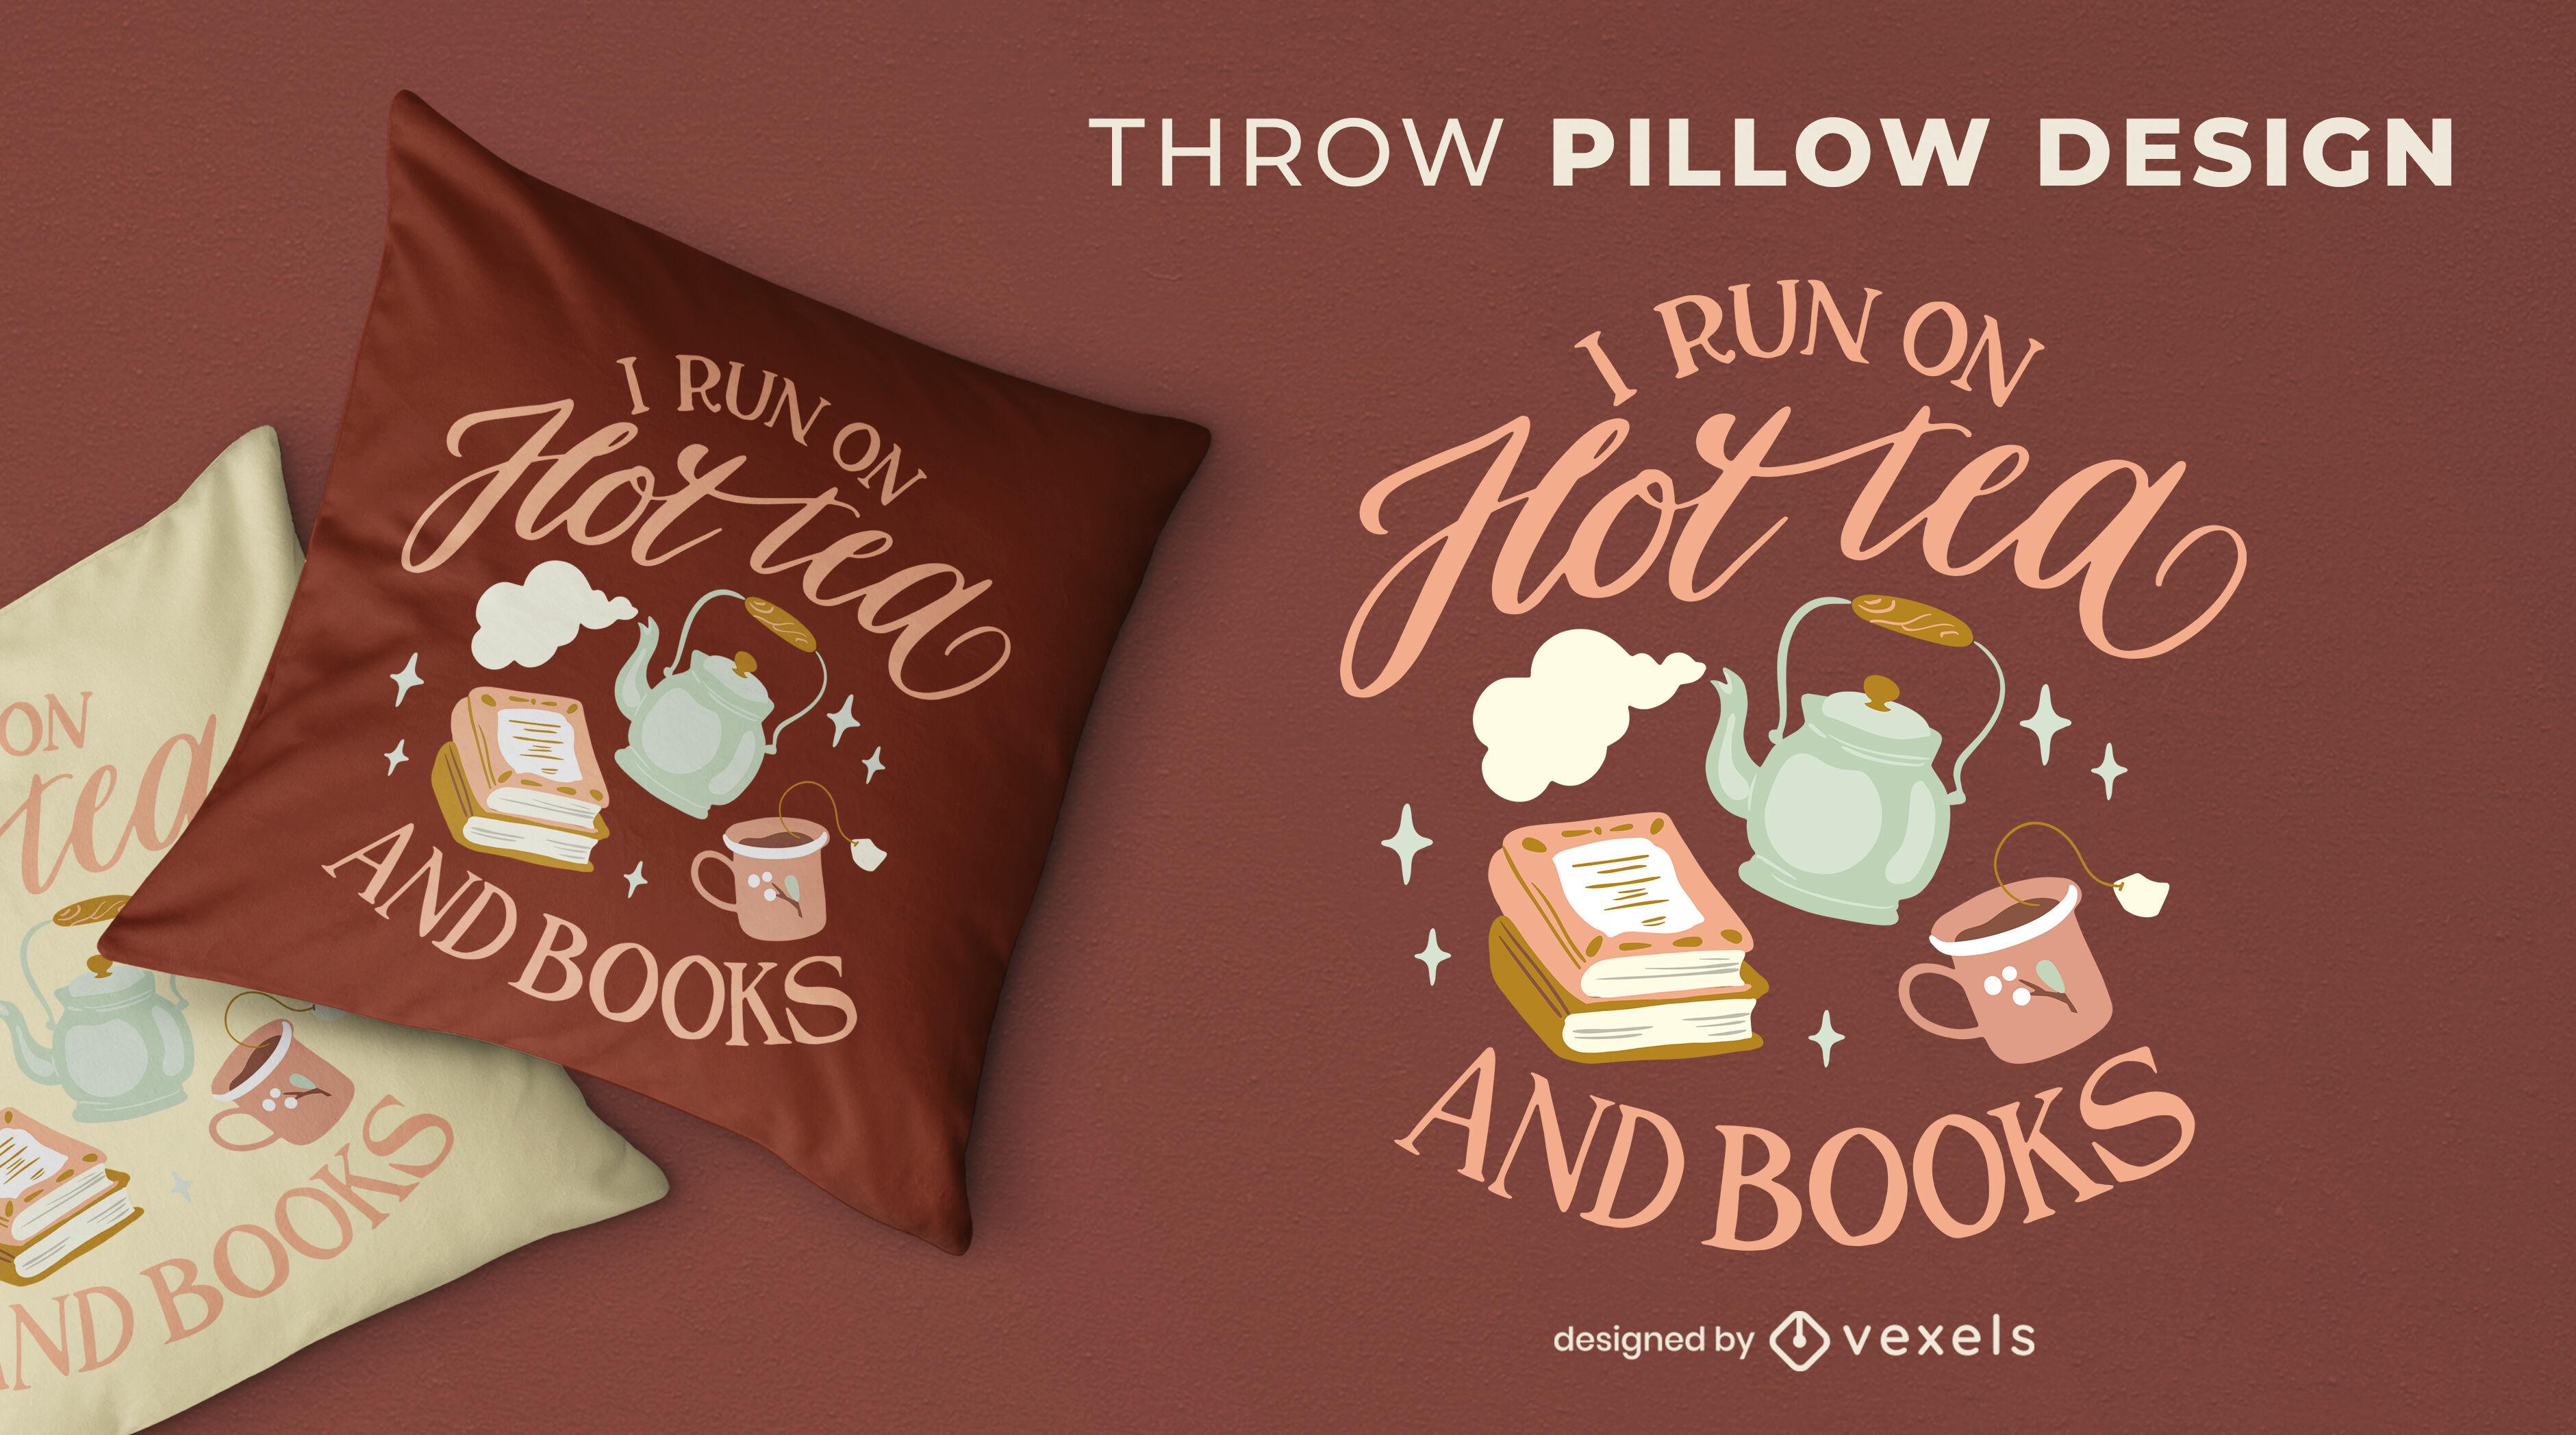 Chá de inverno aconchegante e livros com design de travesseiro